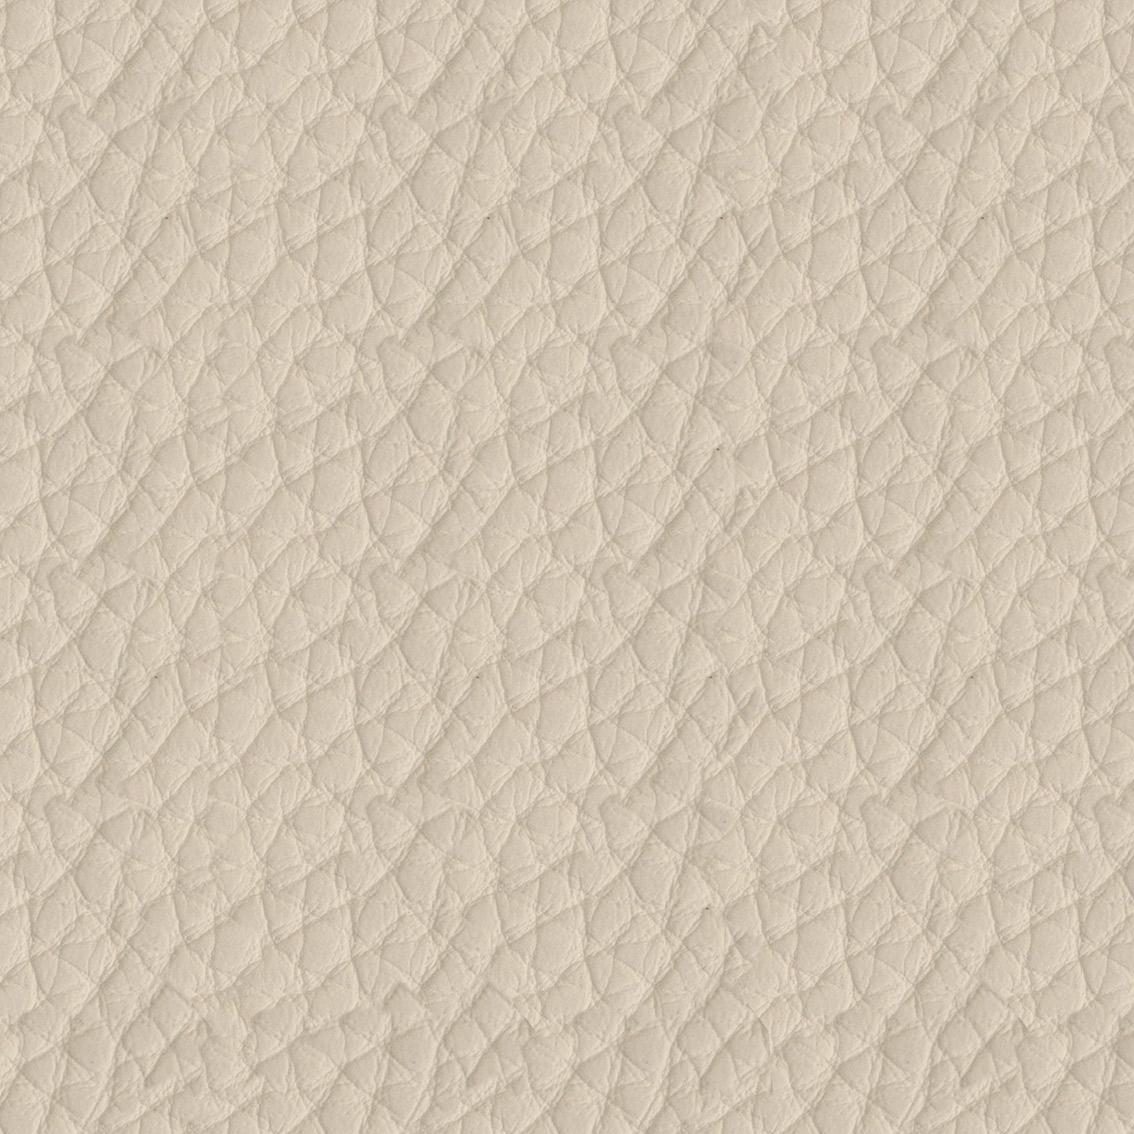 Коллекция ткани Aurora 283 Tapioca,  купить ткань Кож зам для мебели Украина